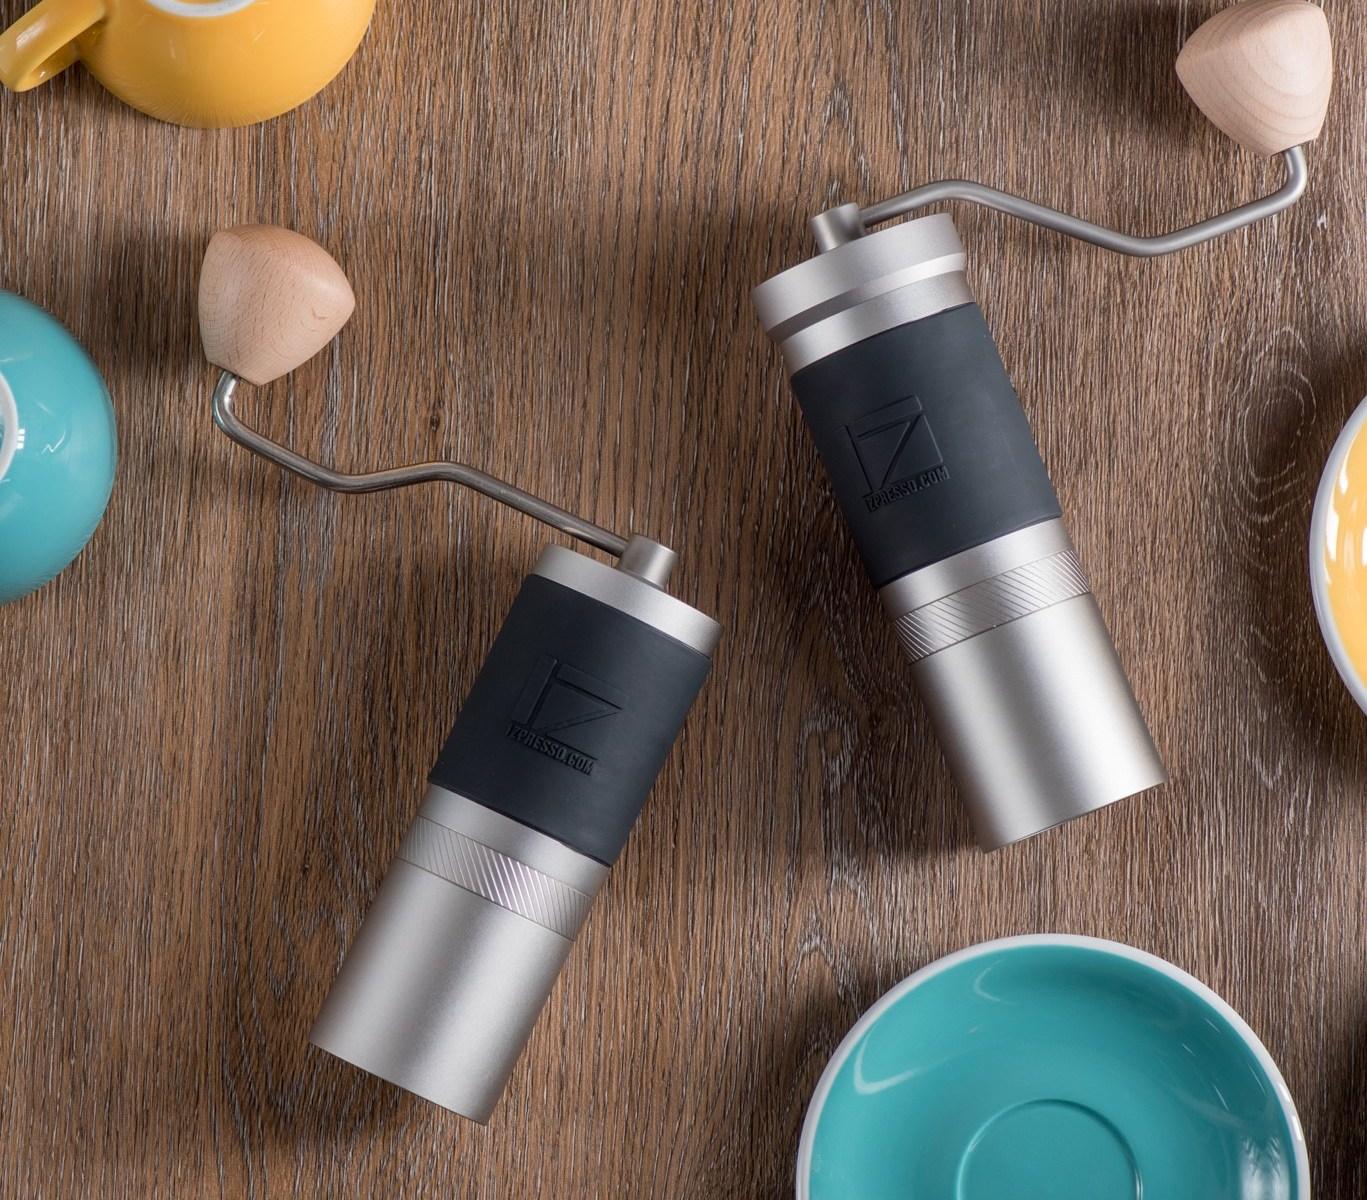 1Zpresso J-series grinder